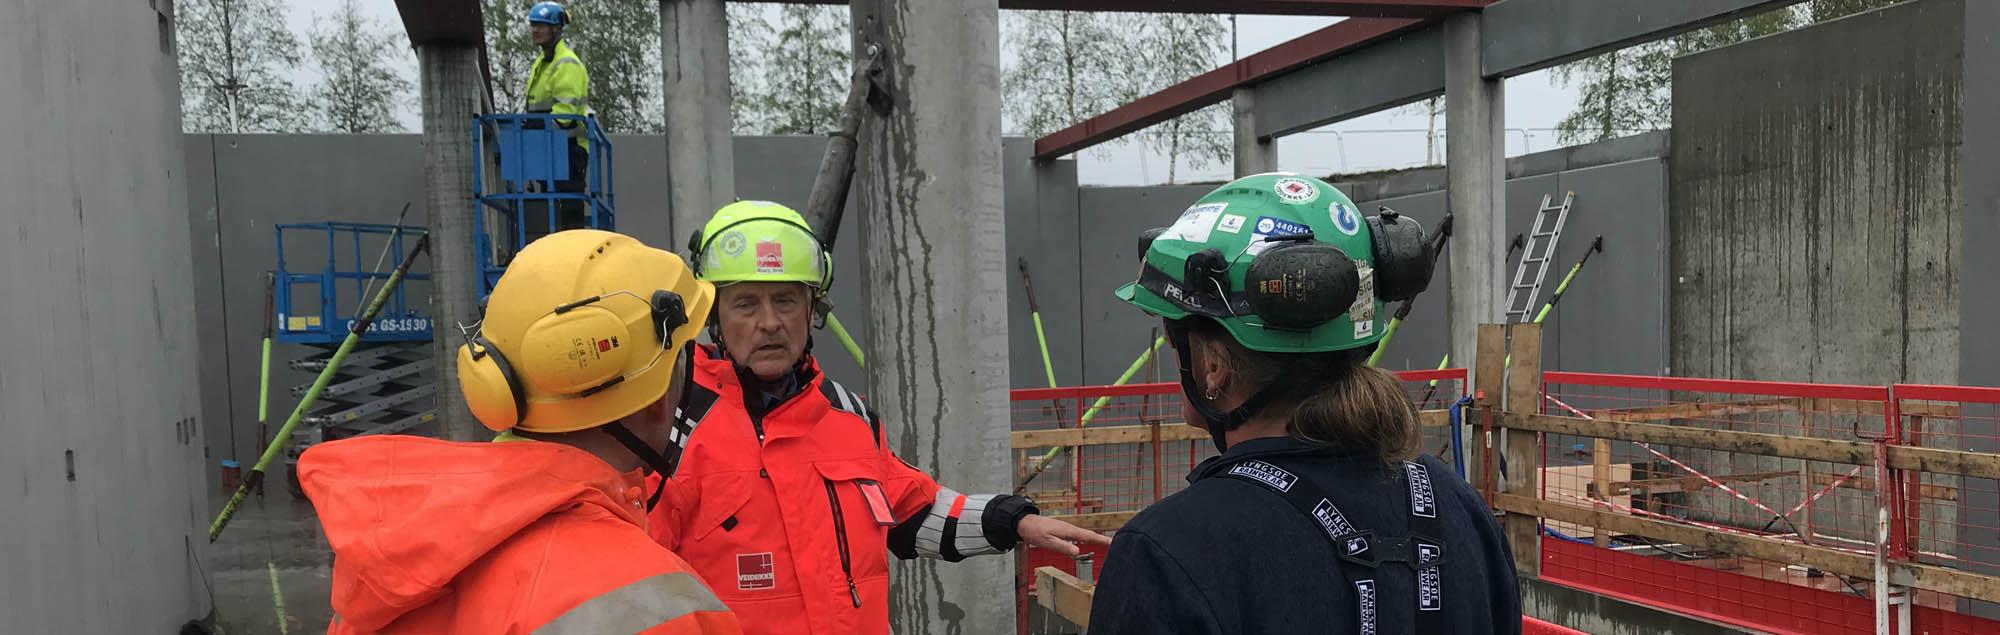 Samarbeid for sikkerhet